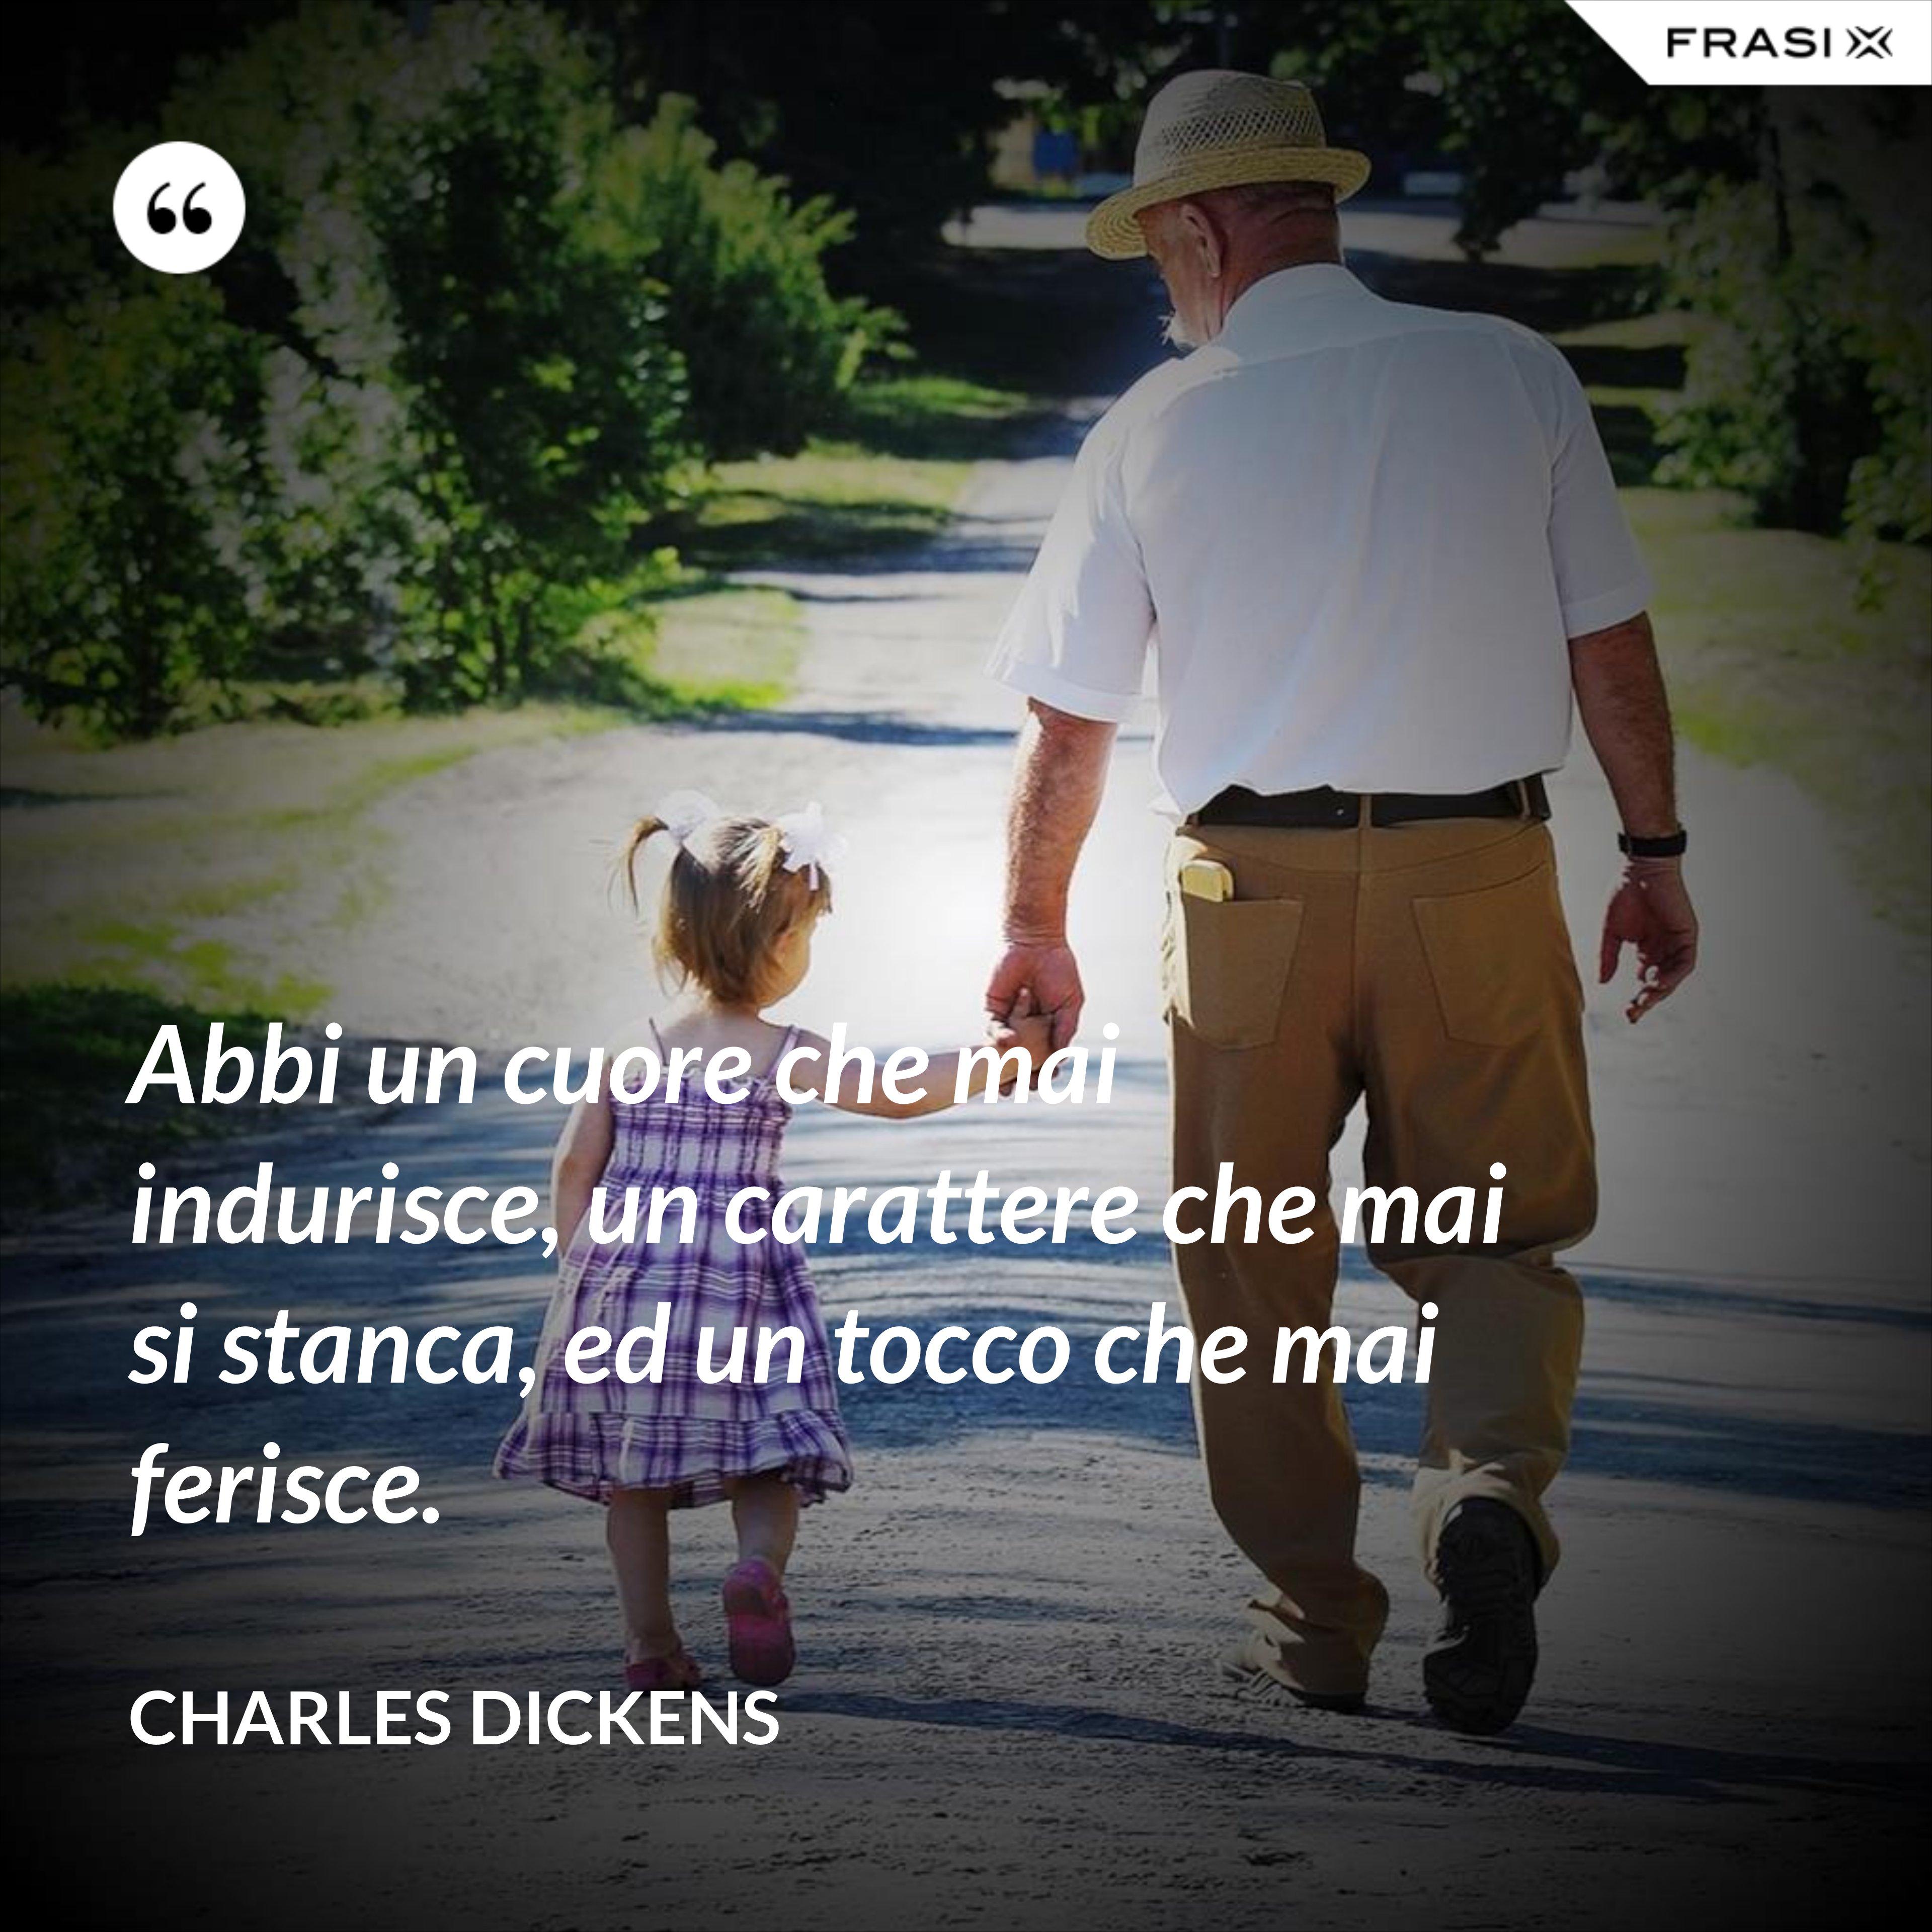 Abbi un cuore che mai indurisce, un carattere che mai si stanca, ed un tocco che mai ferisce. - Charles Dickens